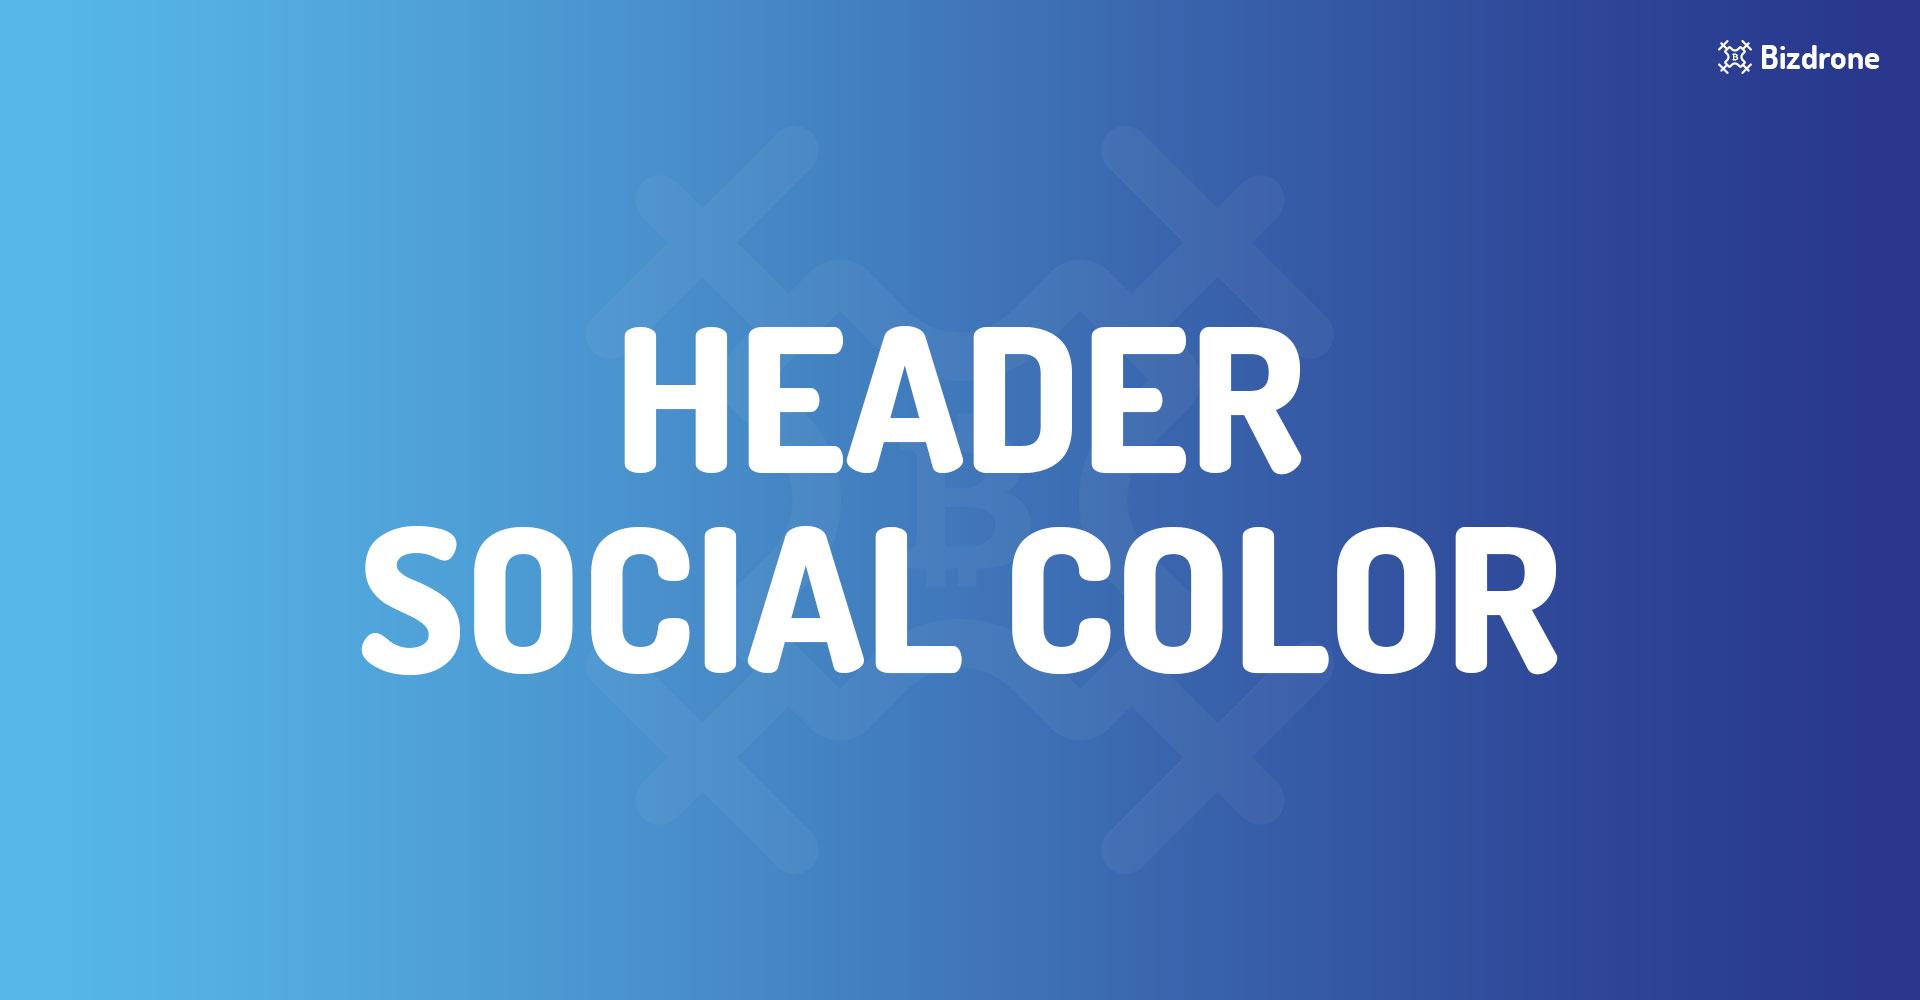 Header social color